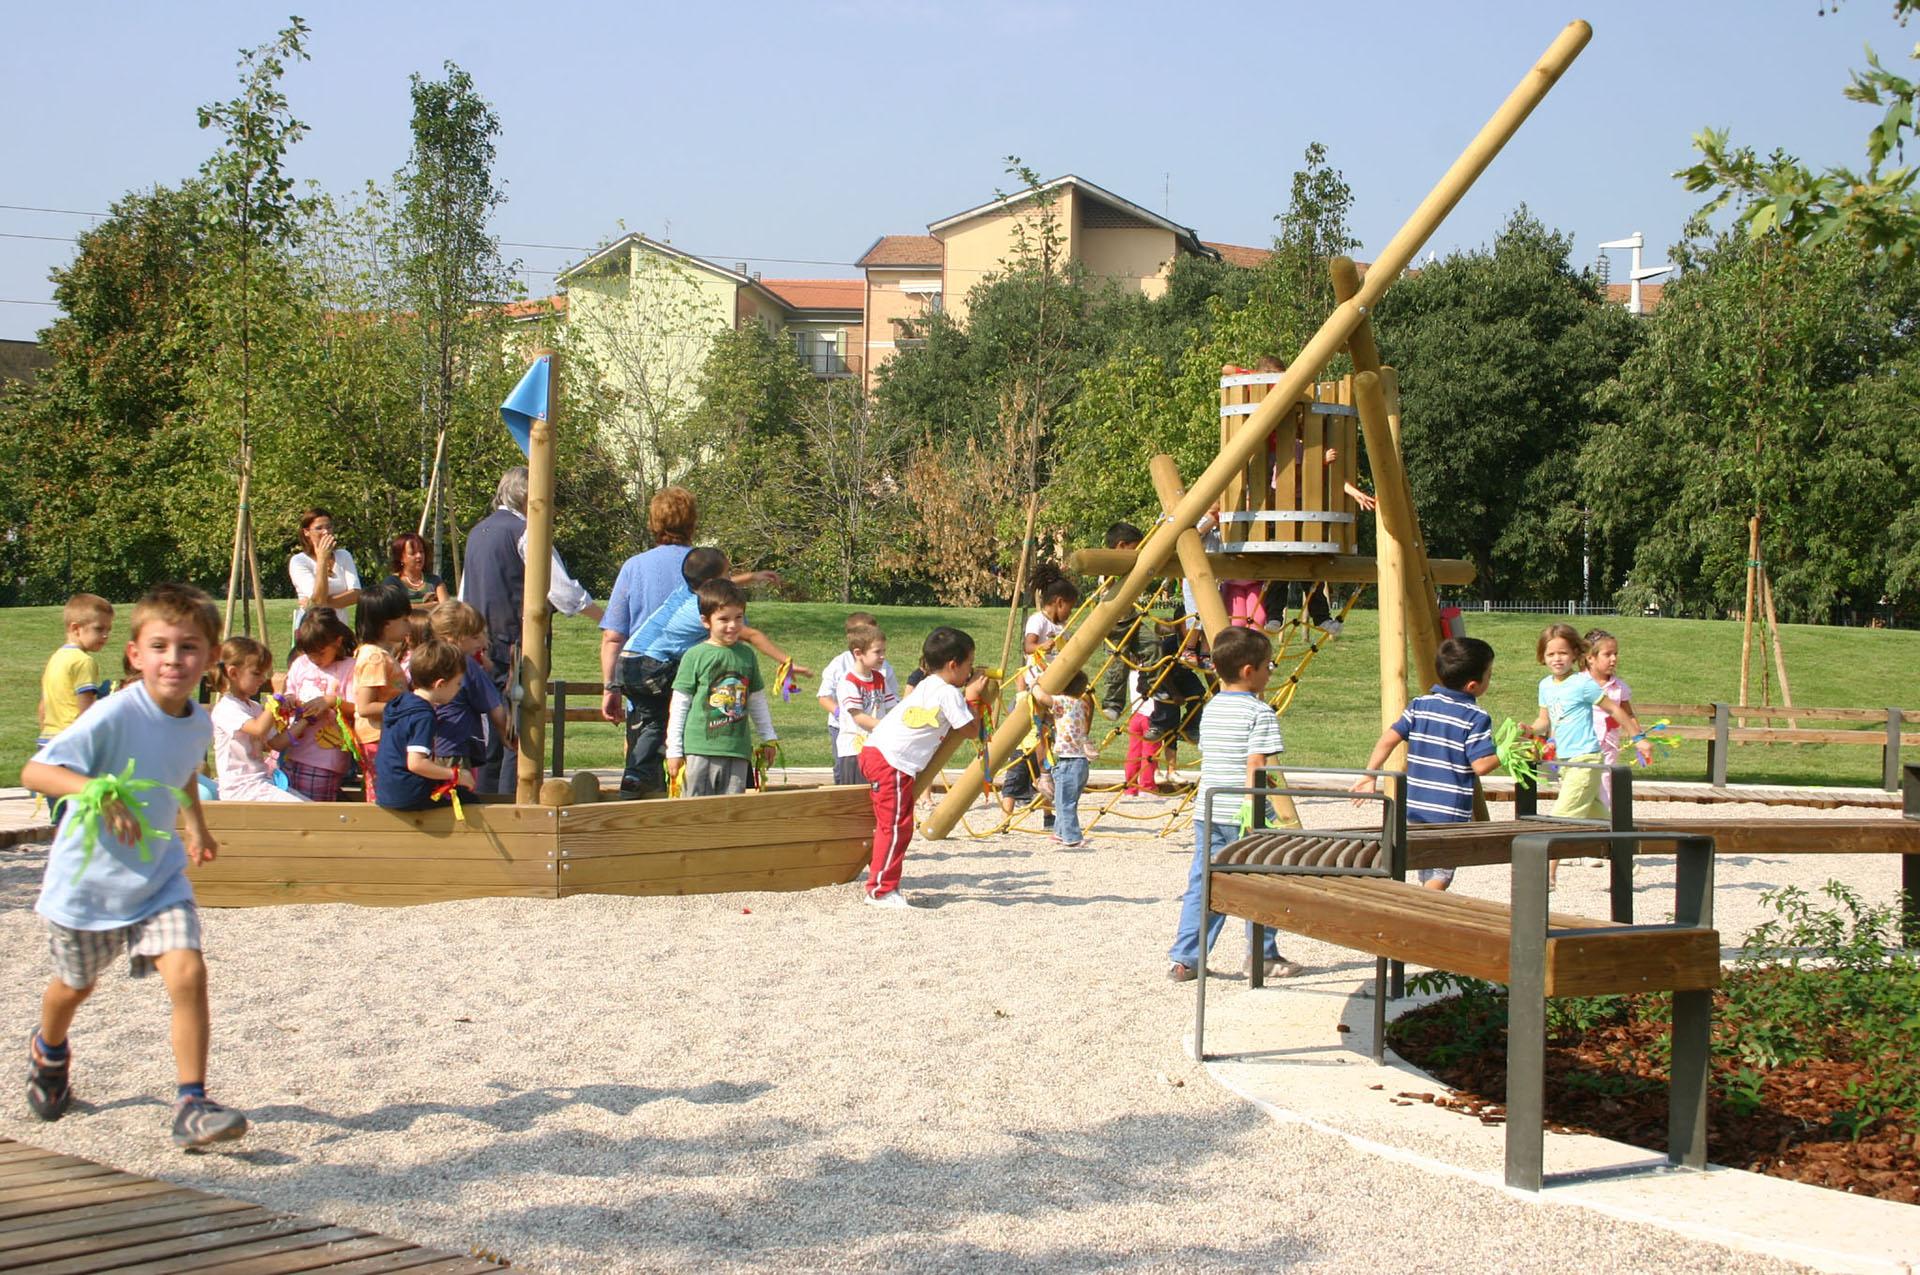 giardini pubblici via casorati